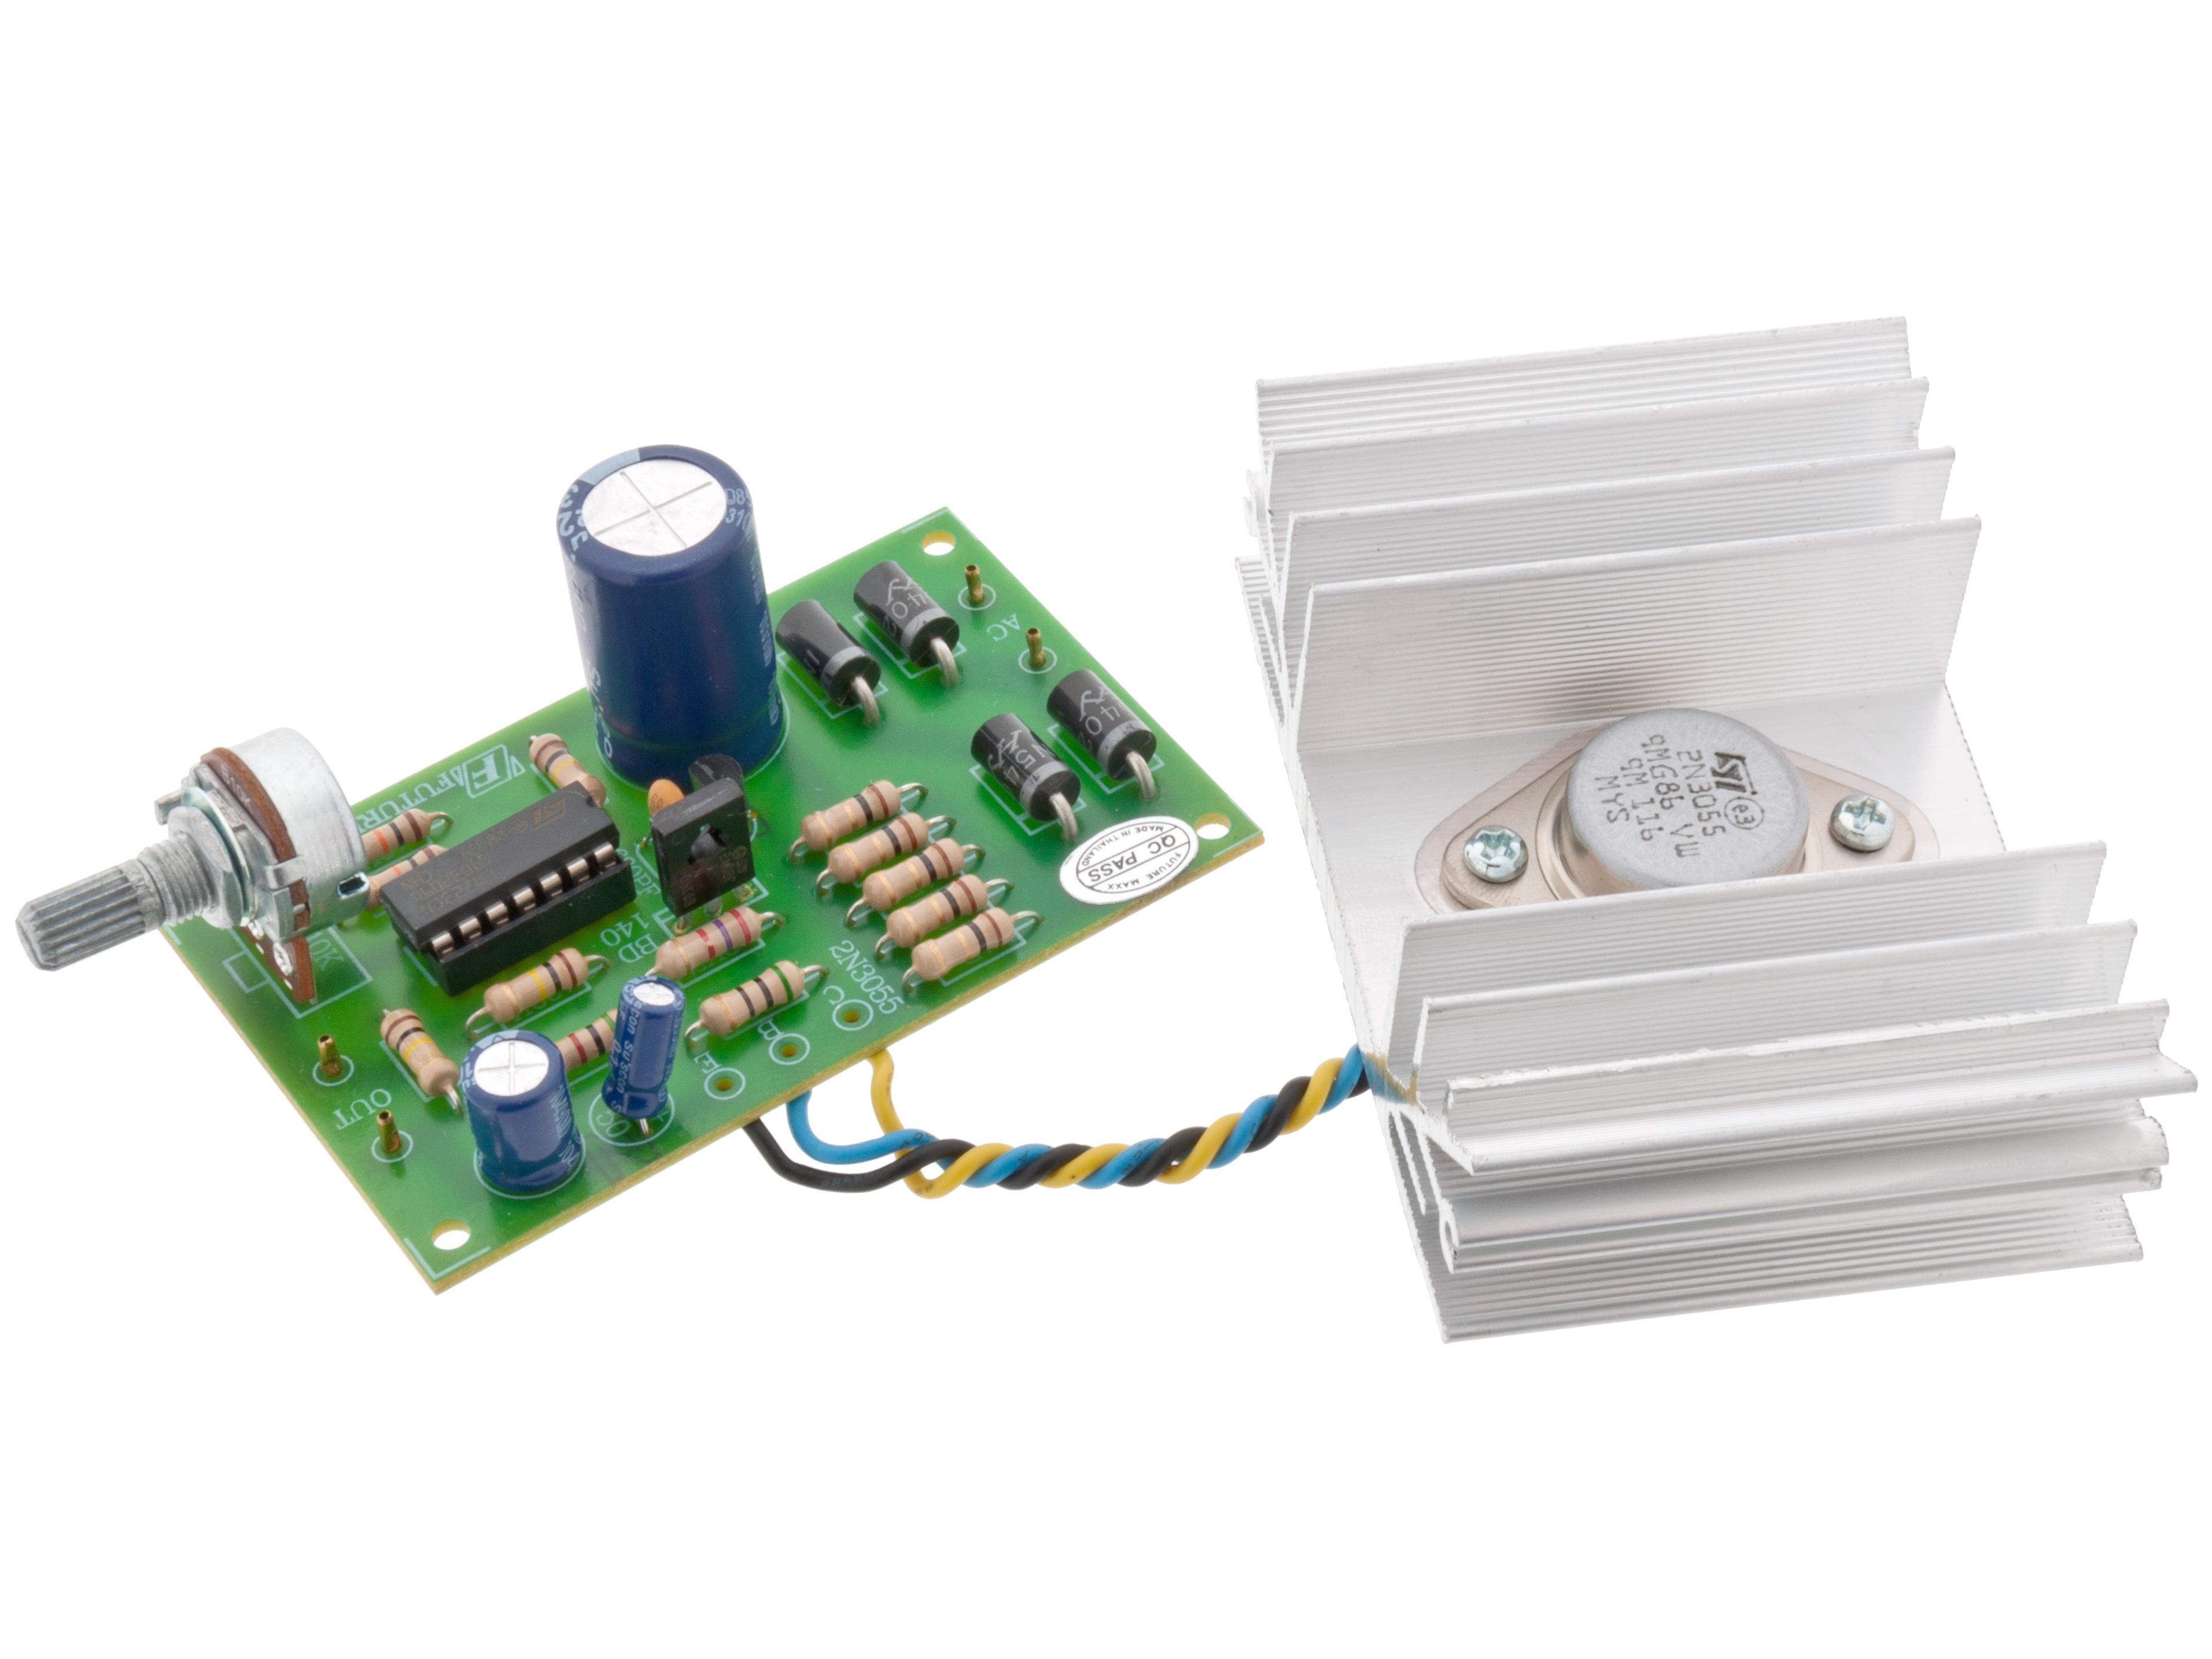 Adjustable power supply 0-30V 3A